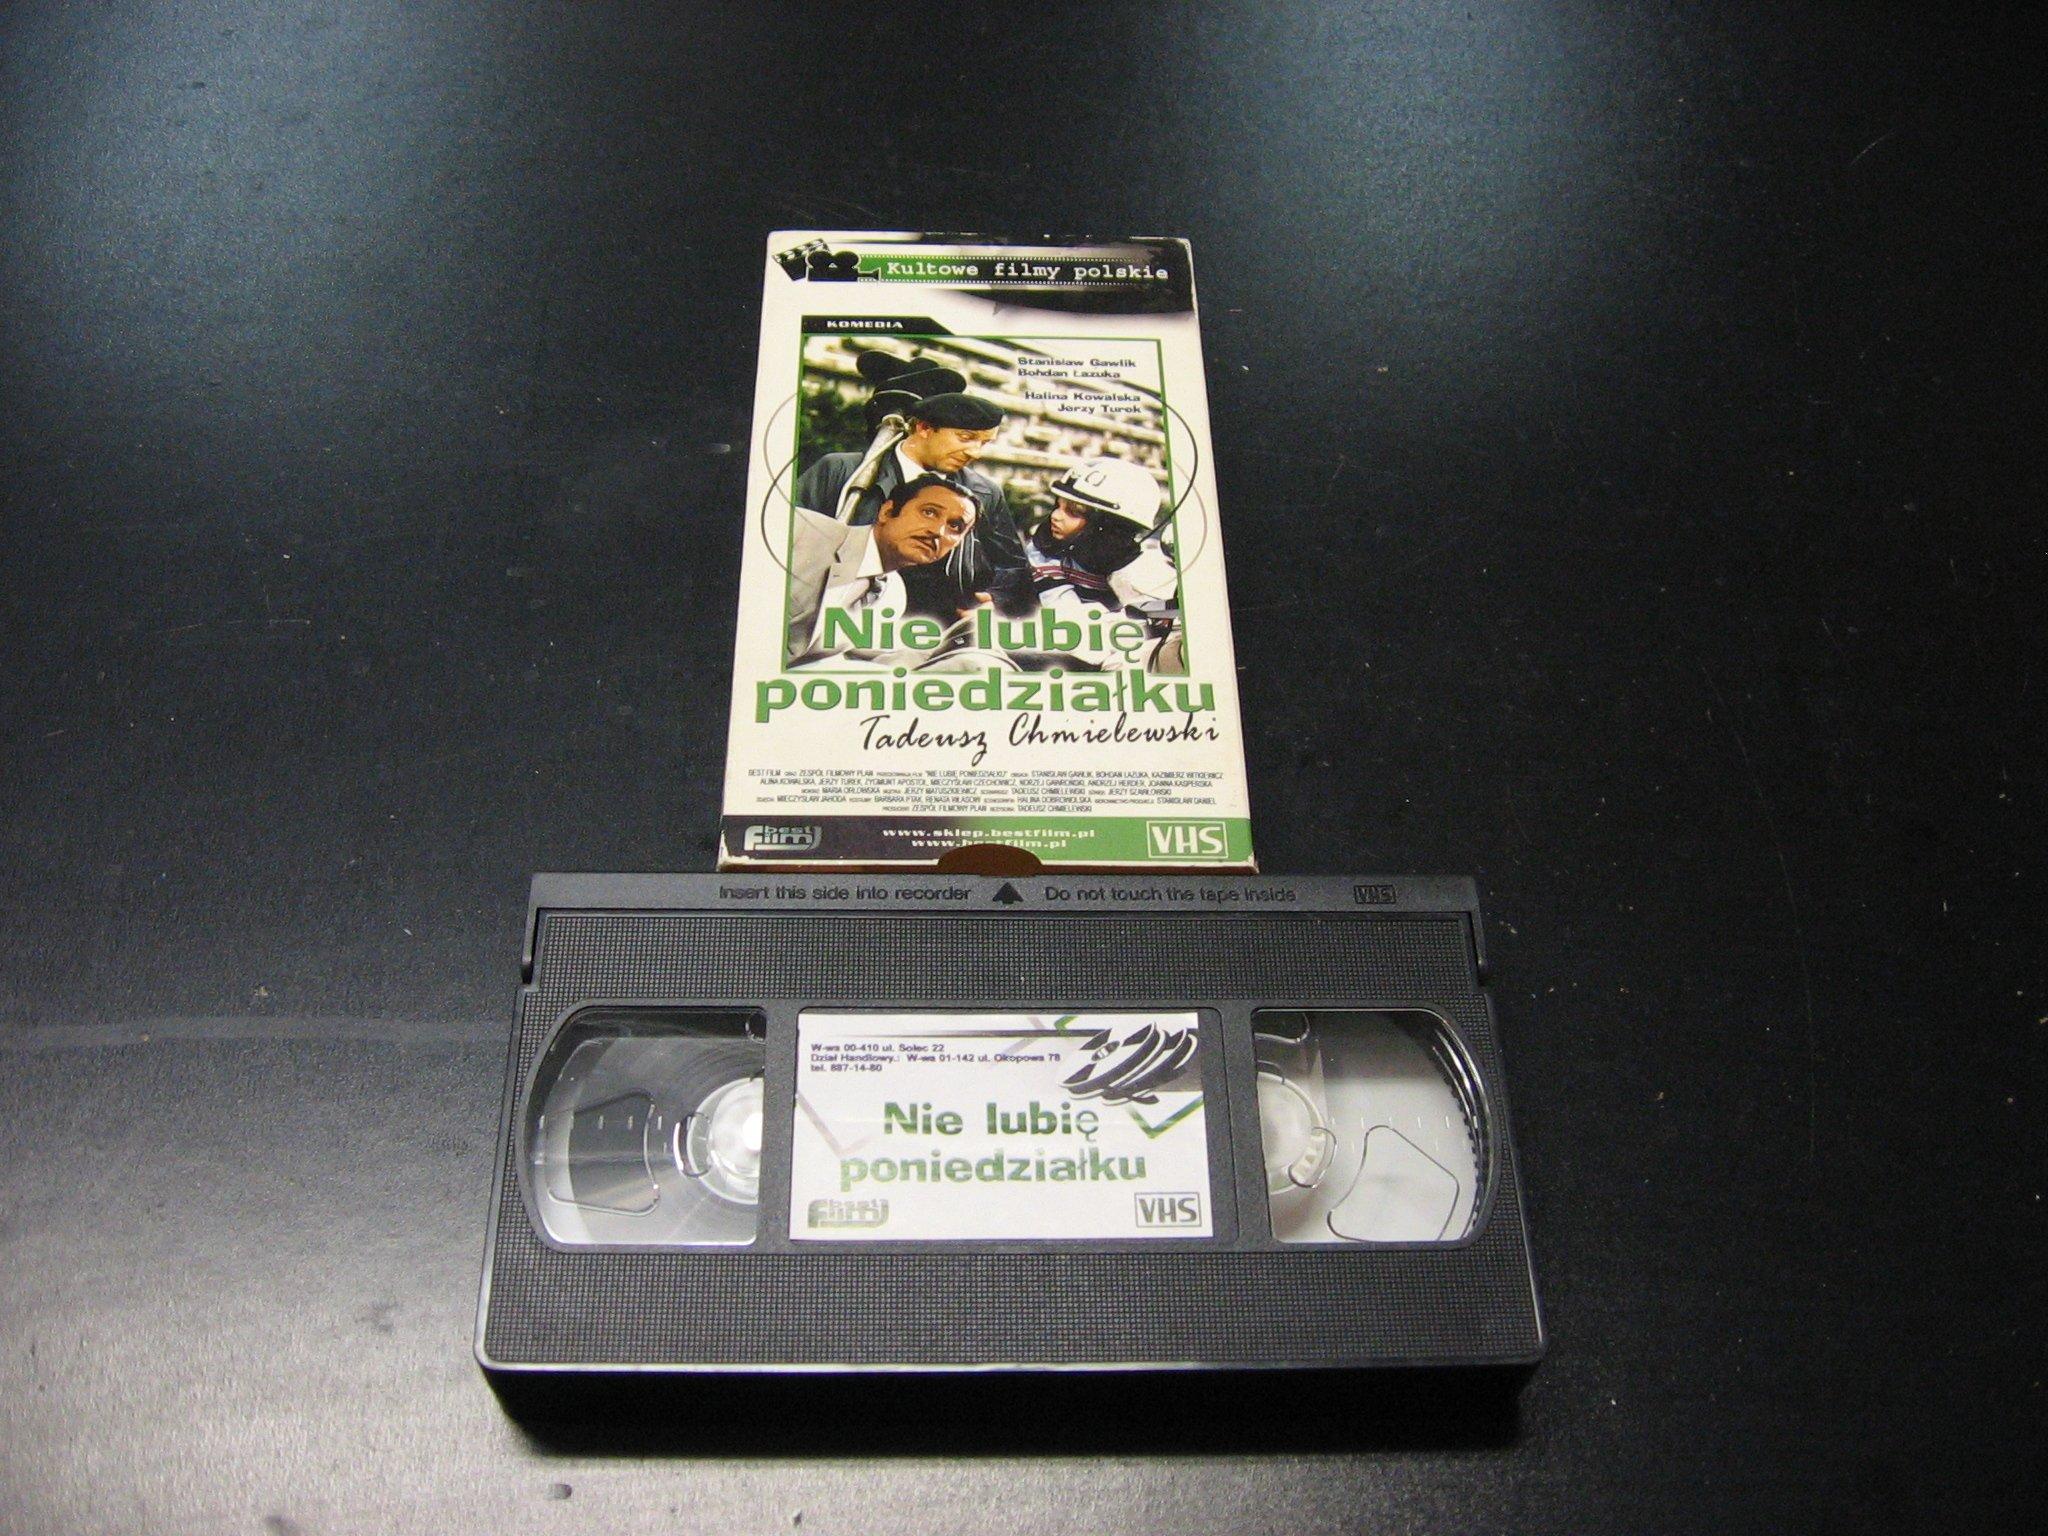 NIE LUBIĘ PONIEDZIAŁKU -  kaseta VHS - 1040 Opole - AlleOpole.pl